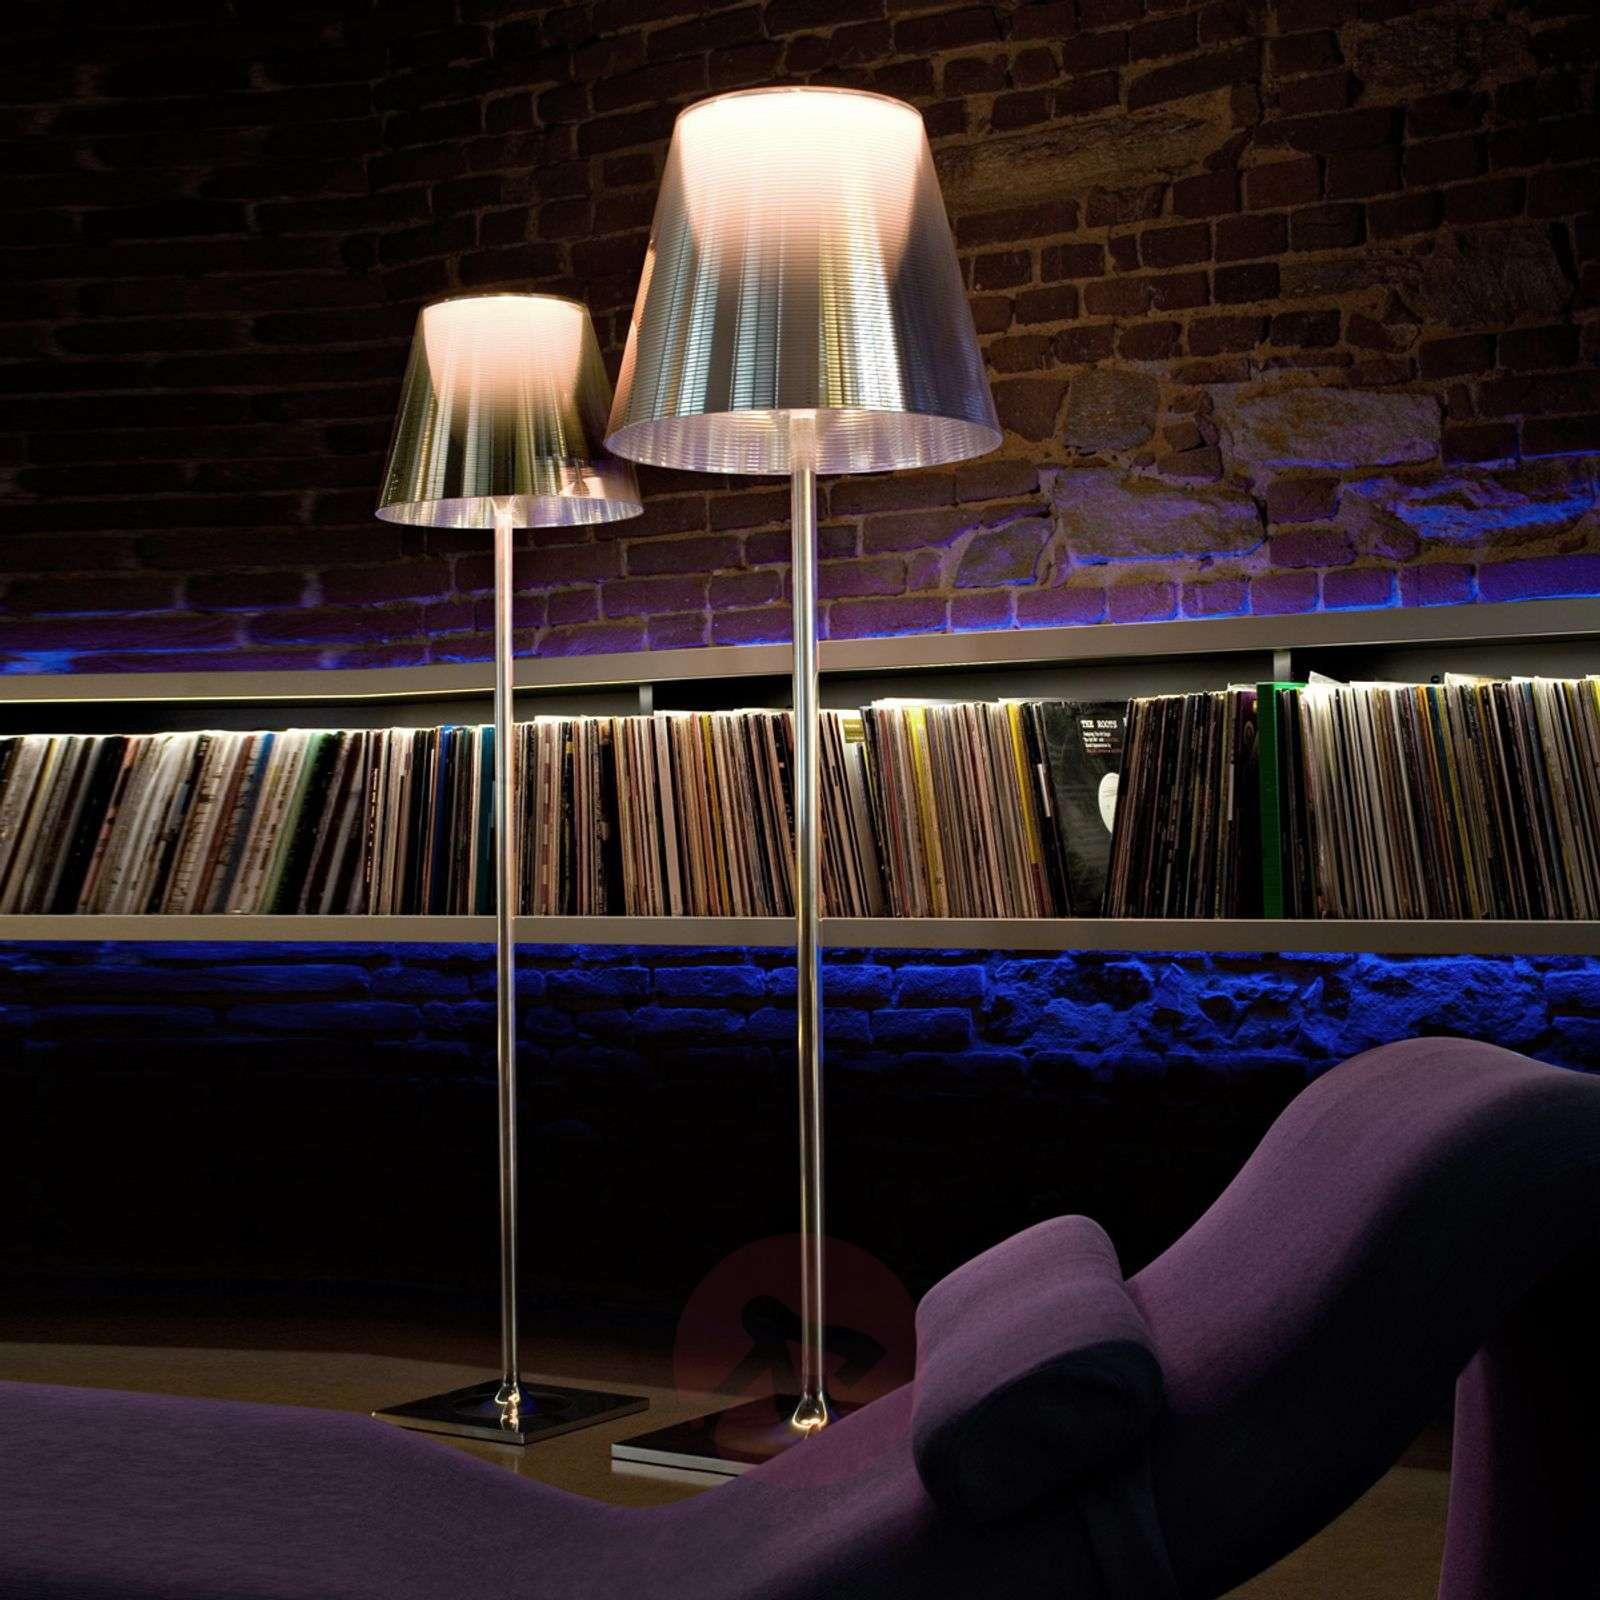 KTRIBE F2 Floor Lamp by FLOS, Modern Look-3510134X-05